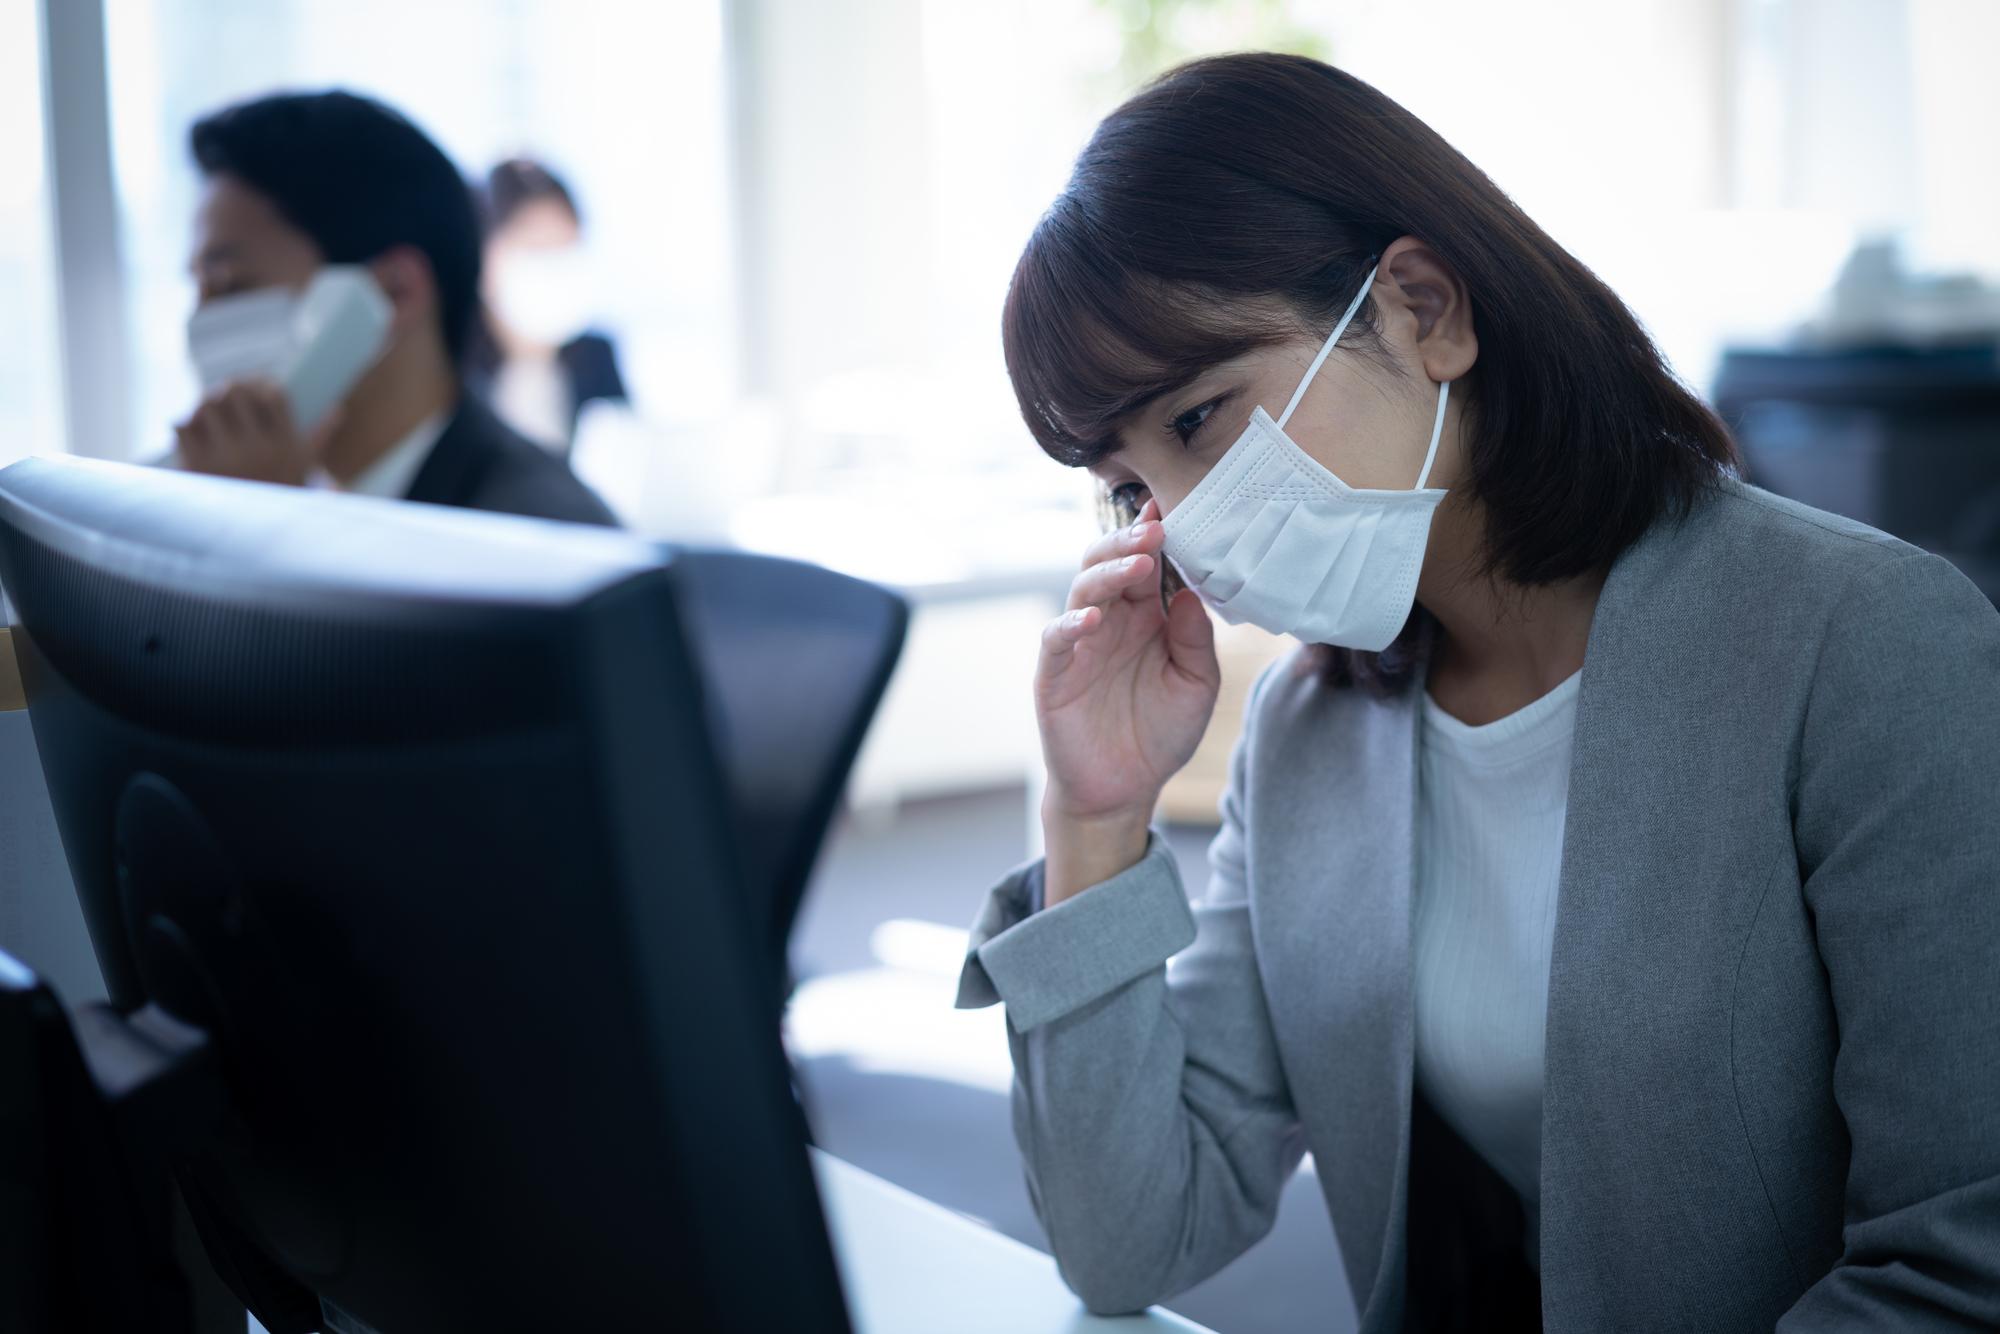 あなたの会社は、インフルエンザで休めますか? 「無理に出社してる印象。休んでほしい」との声も